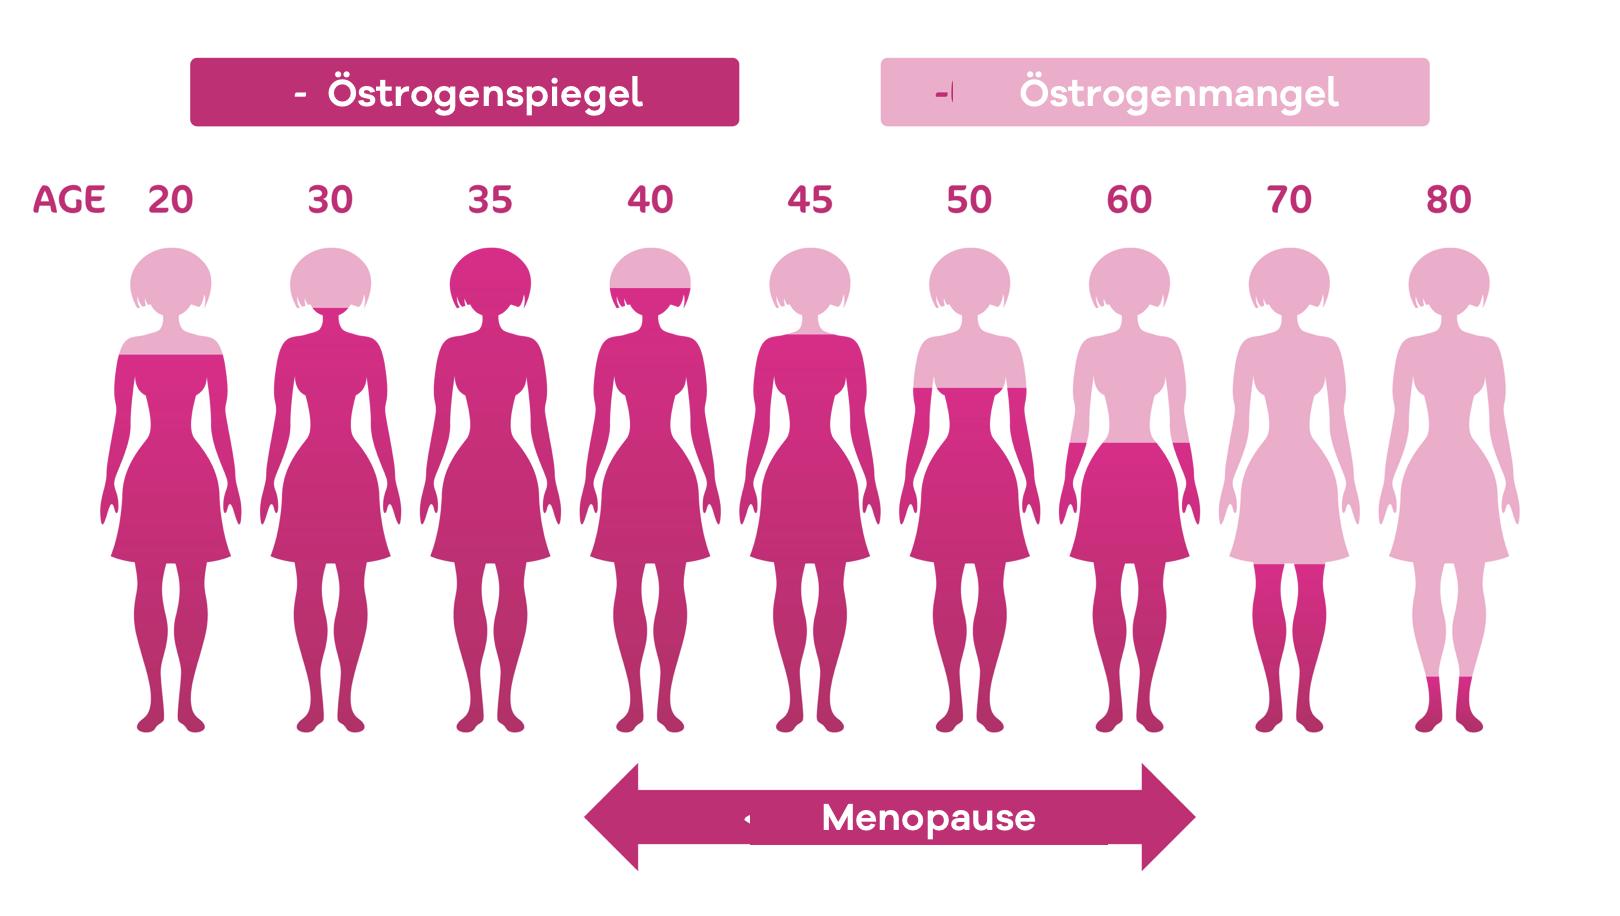 Führt eine Östrogen Hormonersatztherapie während der